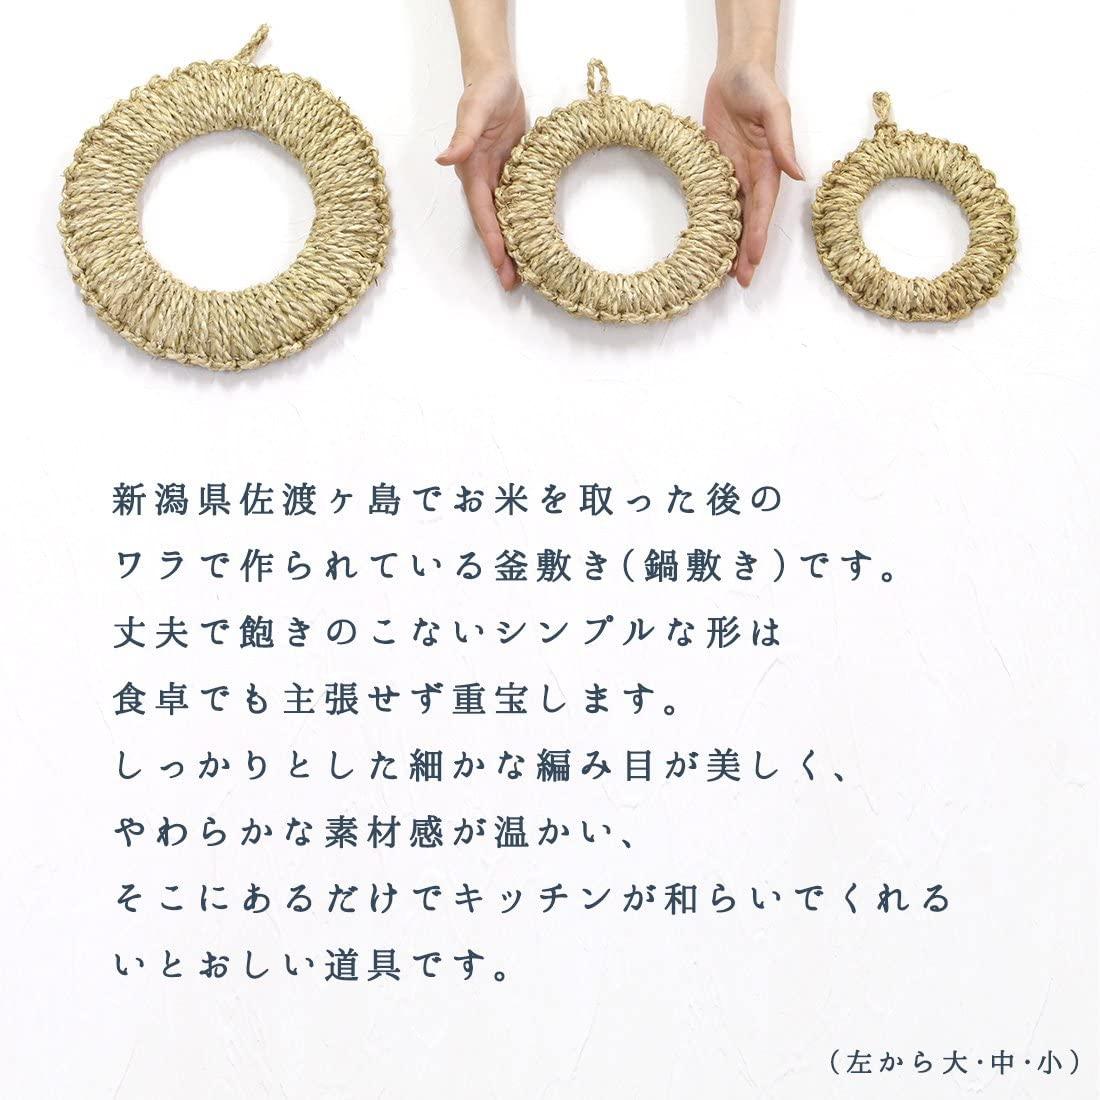 松野屋(マツノヤ) ワラ釜敷き 中:約18.5cmの商品画像3